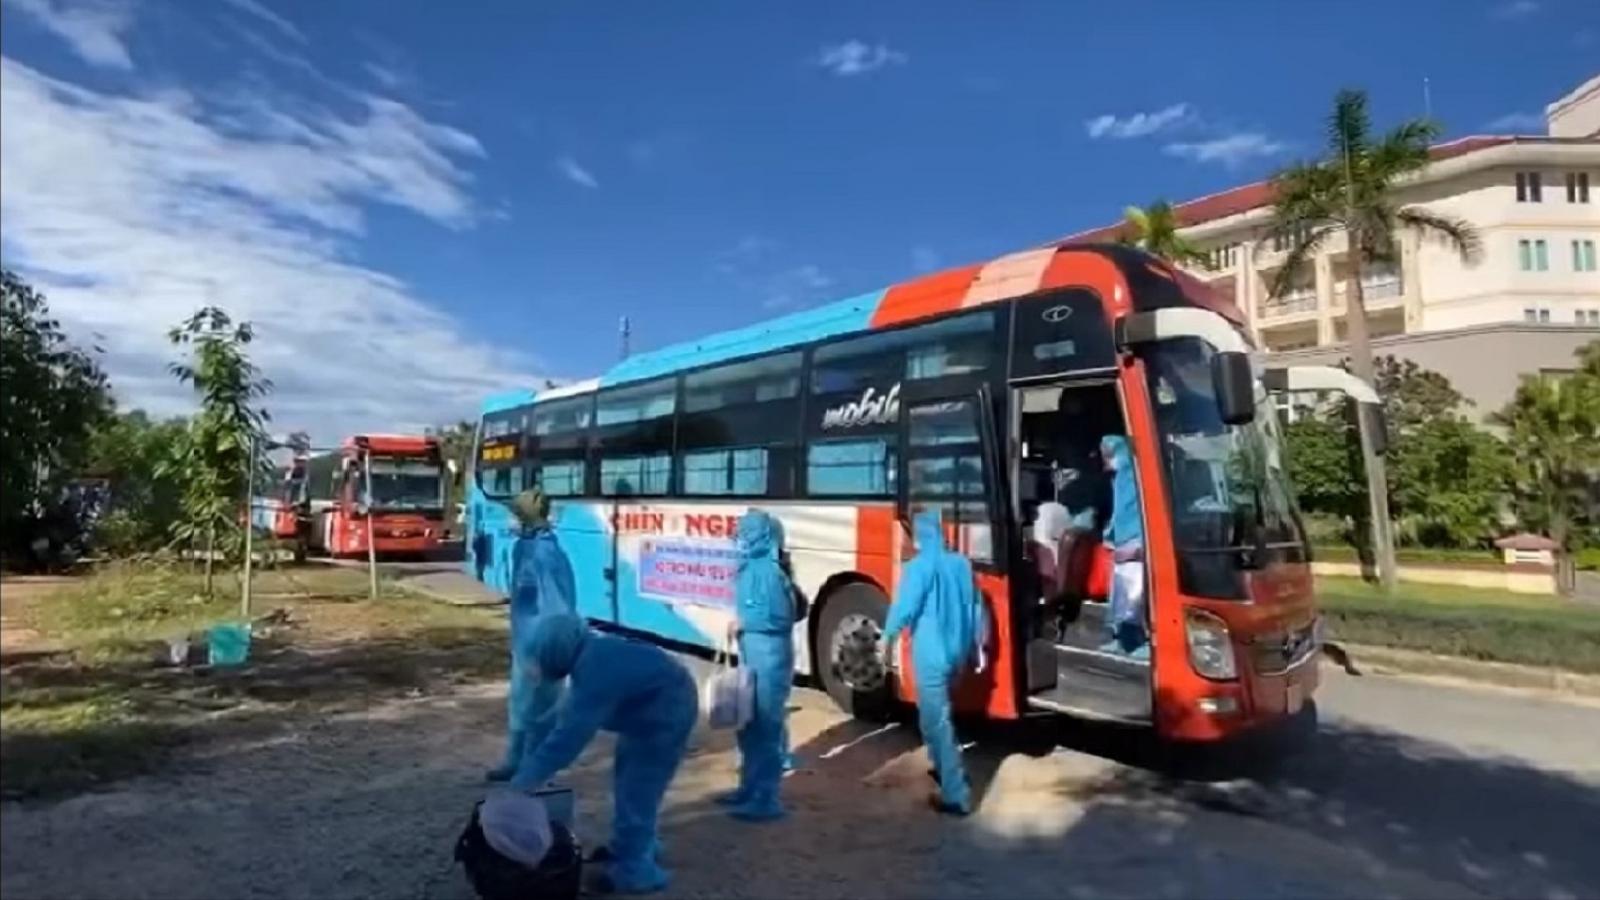 Đoàn xe đưa 200 người đợt đầu tiên từ TP.HCM về Quảng Ngãi an toàn